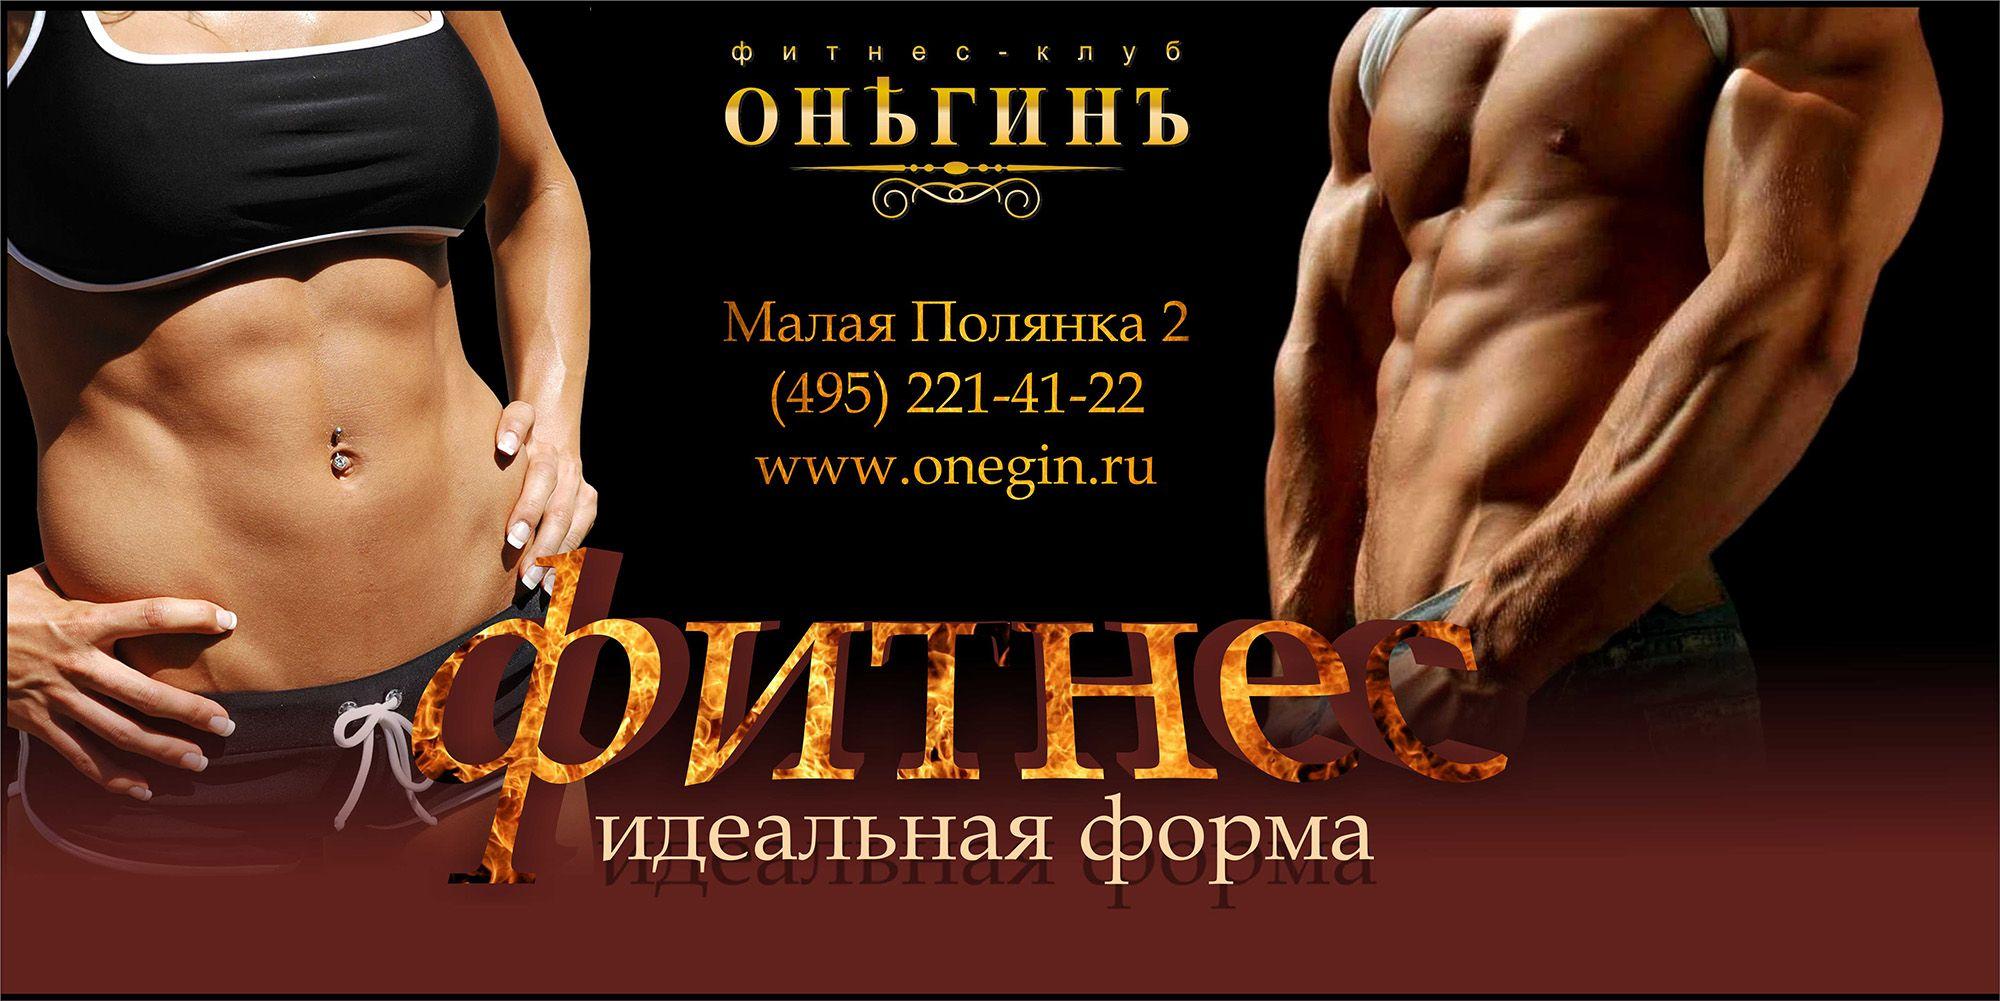 Рекламный баннер - продвижение фитнес-клуба  - дизайнер anahit05